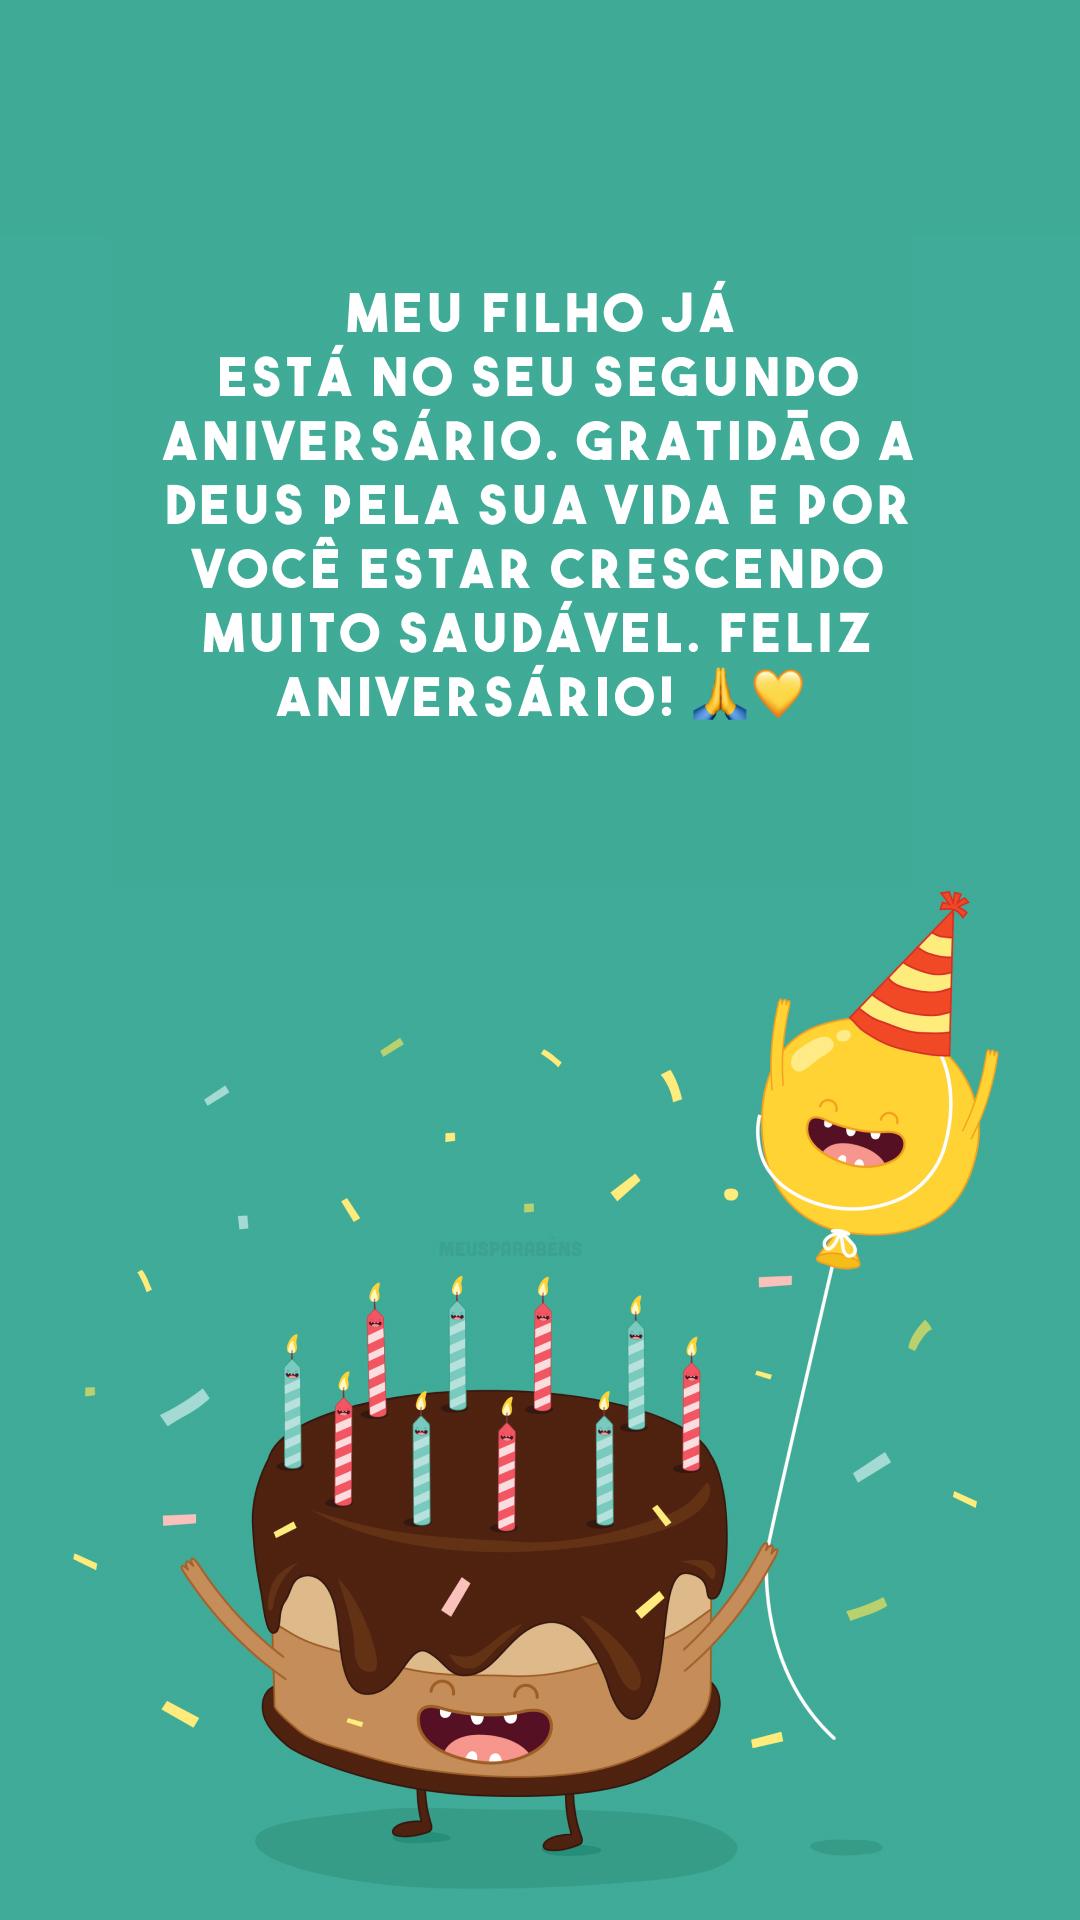 Meu filho já está no seu segundo aniversário. Gratidão a Deus pela sua vida e por você estar crescendo muito saudável. Feliz aniversário! 🙏💛